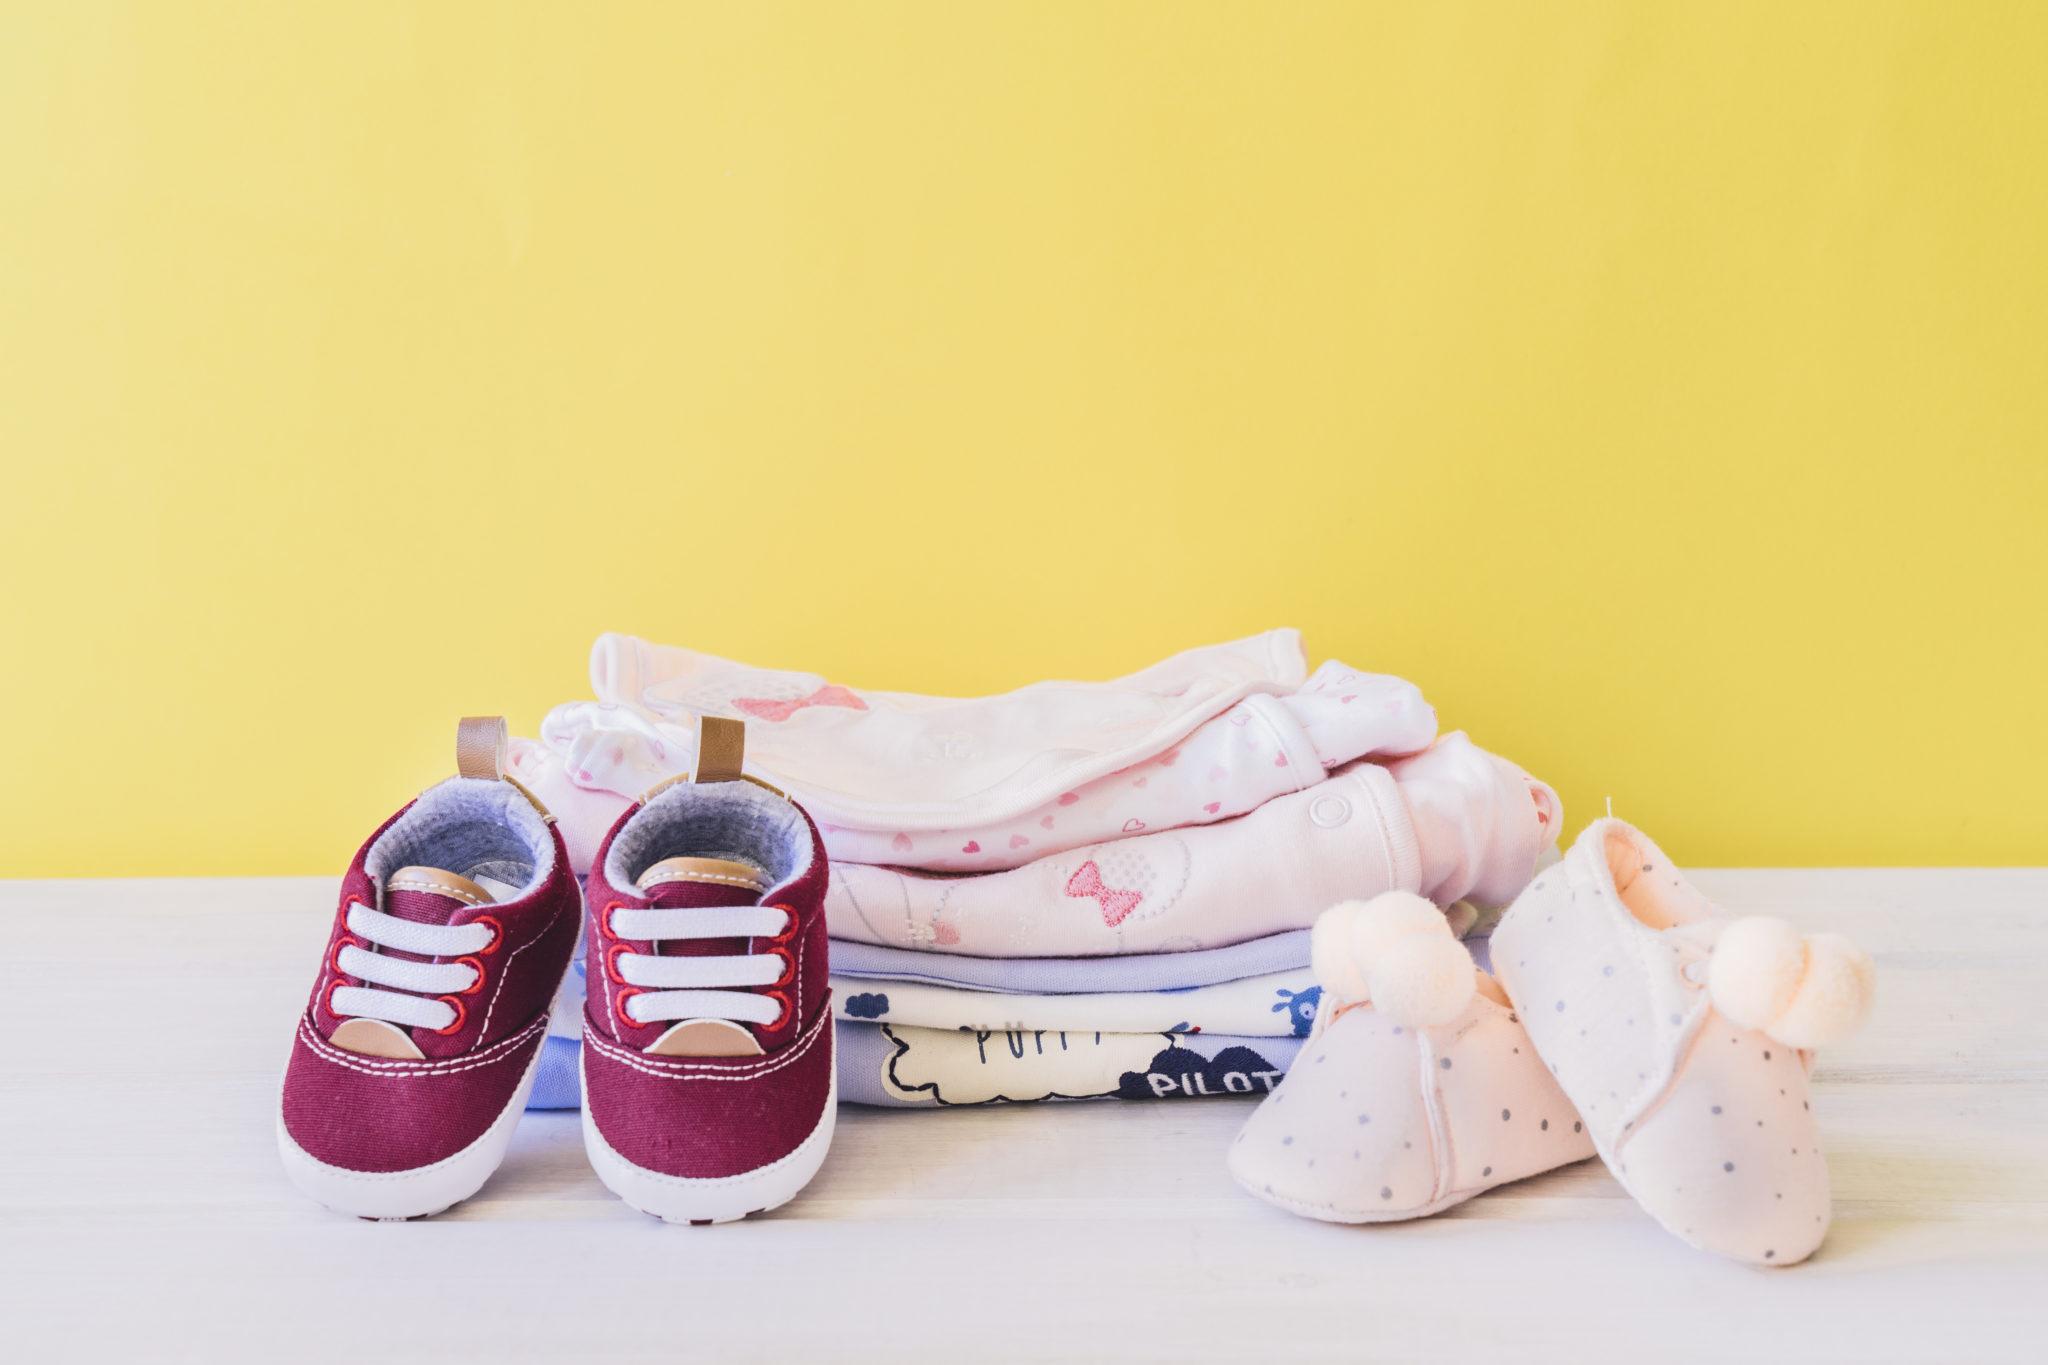 Se stai aspettando un bambino o sei mamma di un neonato e sei alla ricerca di campioni omaggio per la gravidanza e buoni sconto per prodotti per bambini, in questo articolo scoprirai come ottenerli facilmente e completamente gratis. Prima di iniziare con gli omaggi online, vorrei farvi presente che alcuni comuni italiani distribuiscono KIT NASCITA […]